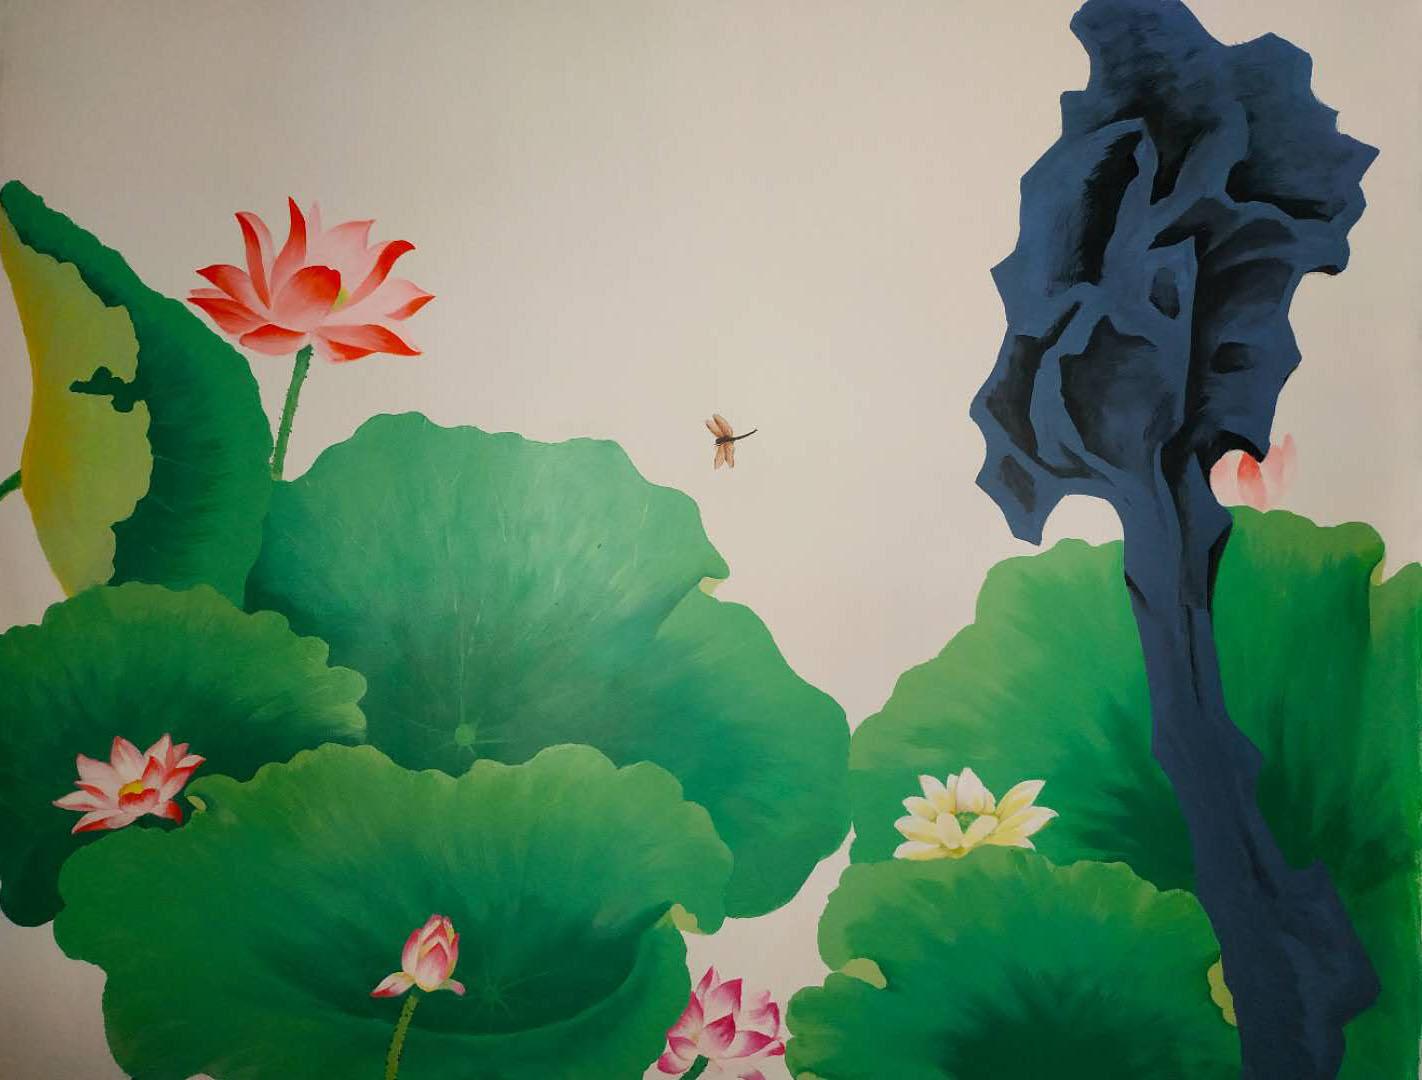 为什么有些武汉墙绘画师画不好墙绘?